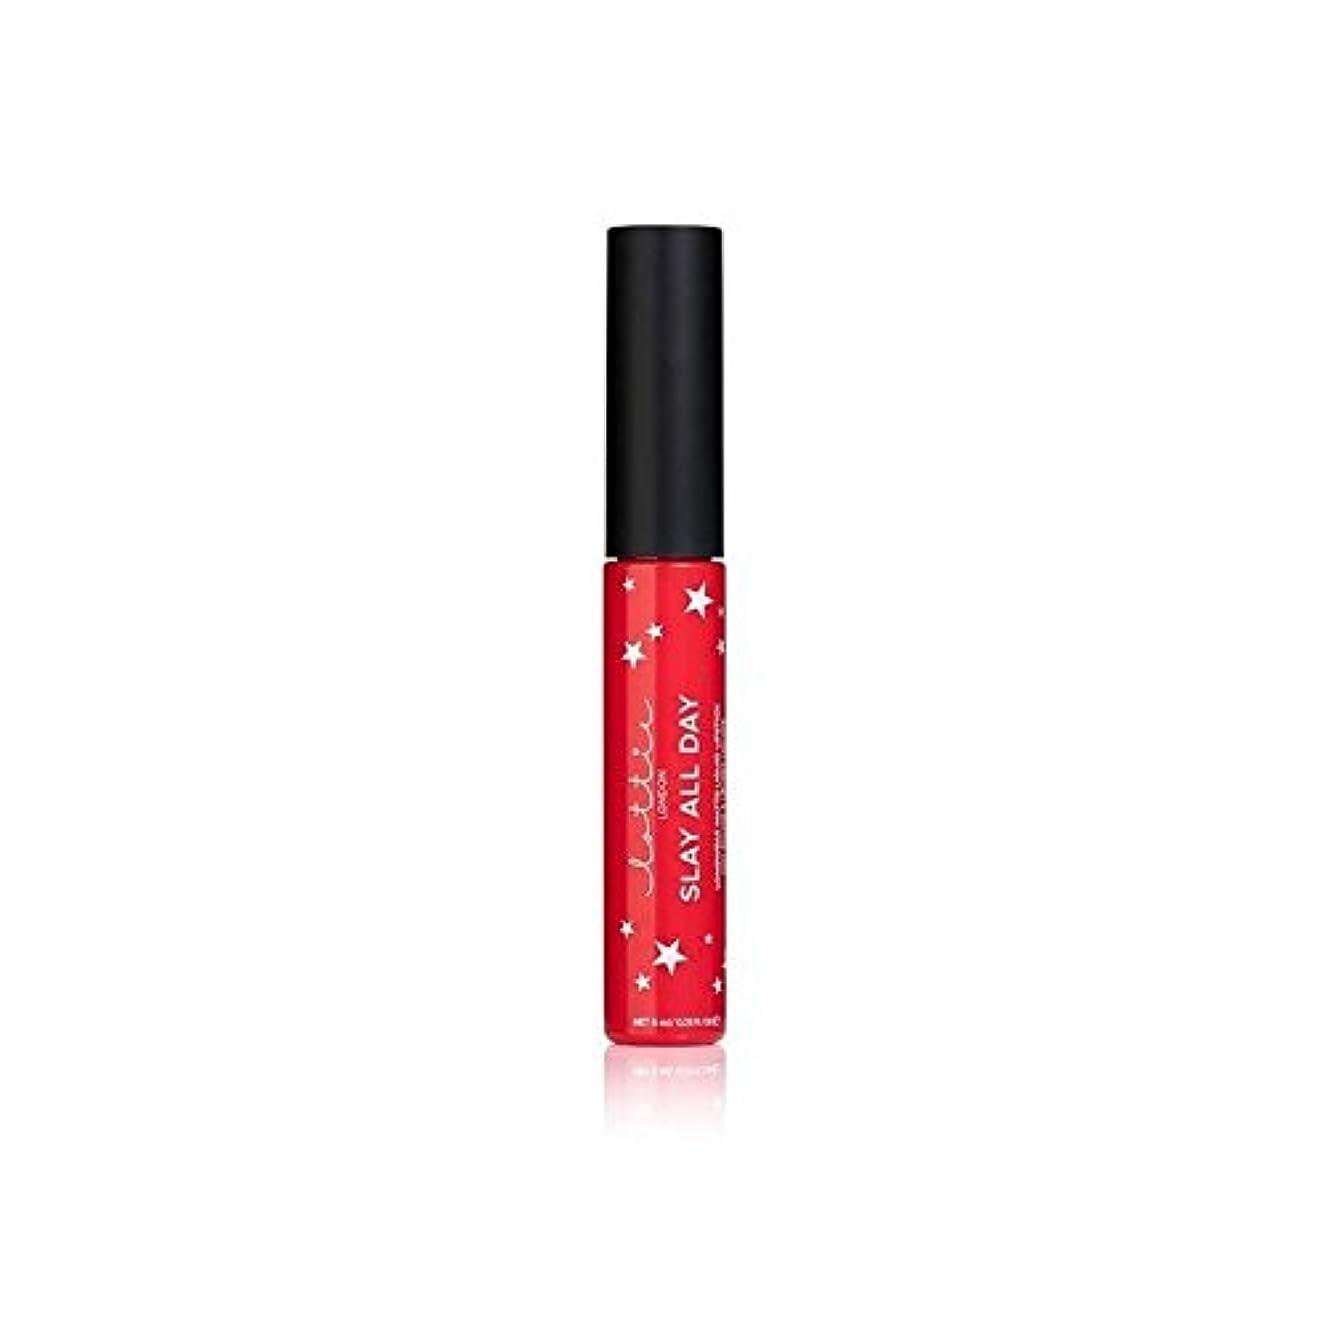 先に組立欠員Lottie London Matte Liquid Lipstick - Slay It (Pack of 6) - ロンドンマット液状口紅を - それを殺します x6 [並行輸入品]